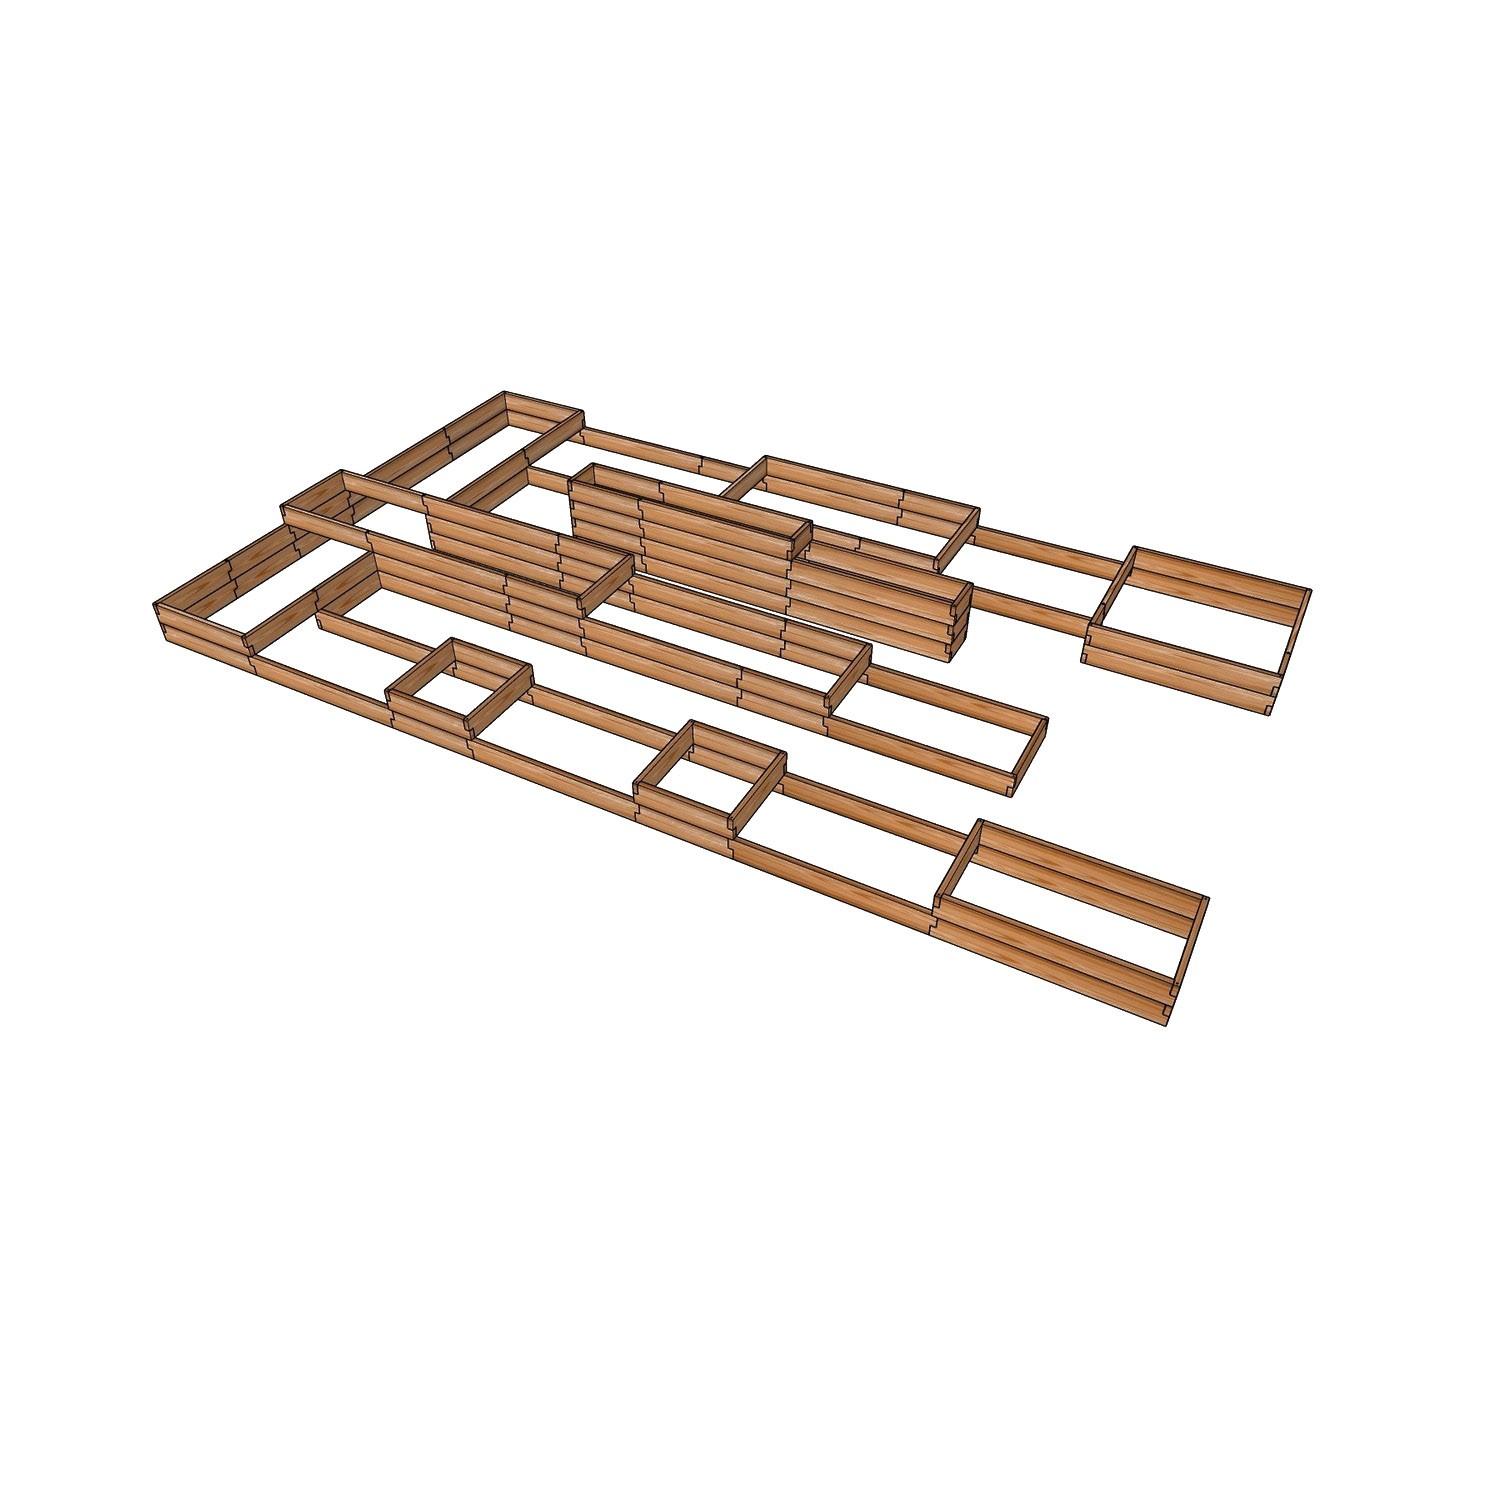 Деревянные грядки из лиственницы для теплицы 6,5x3,6м / Проект на заказ